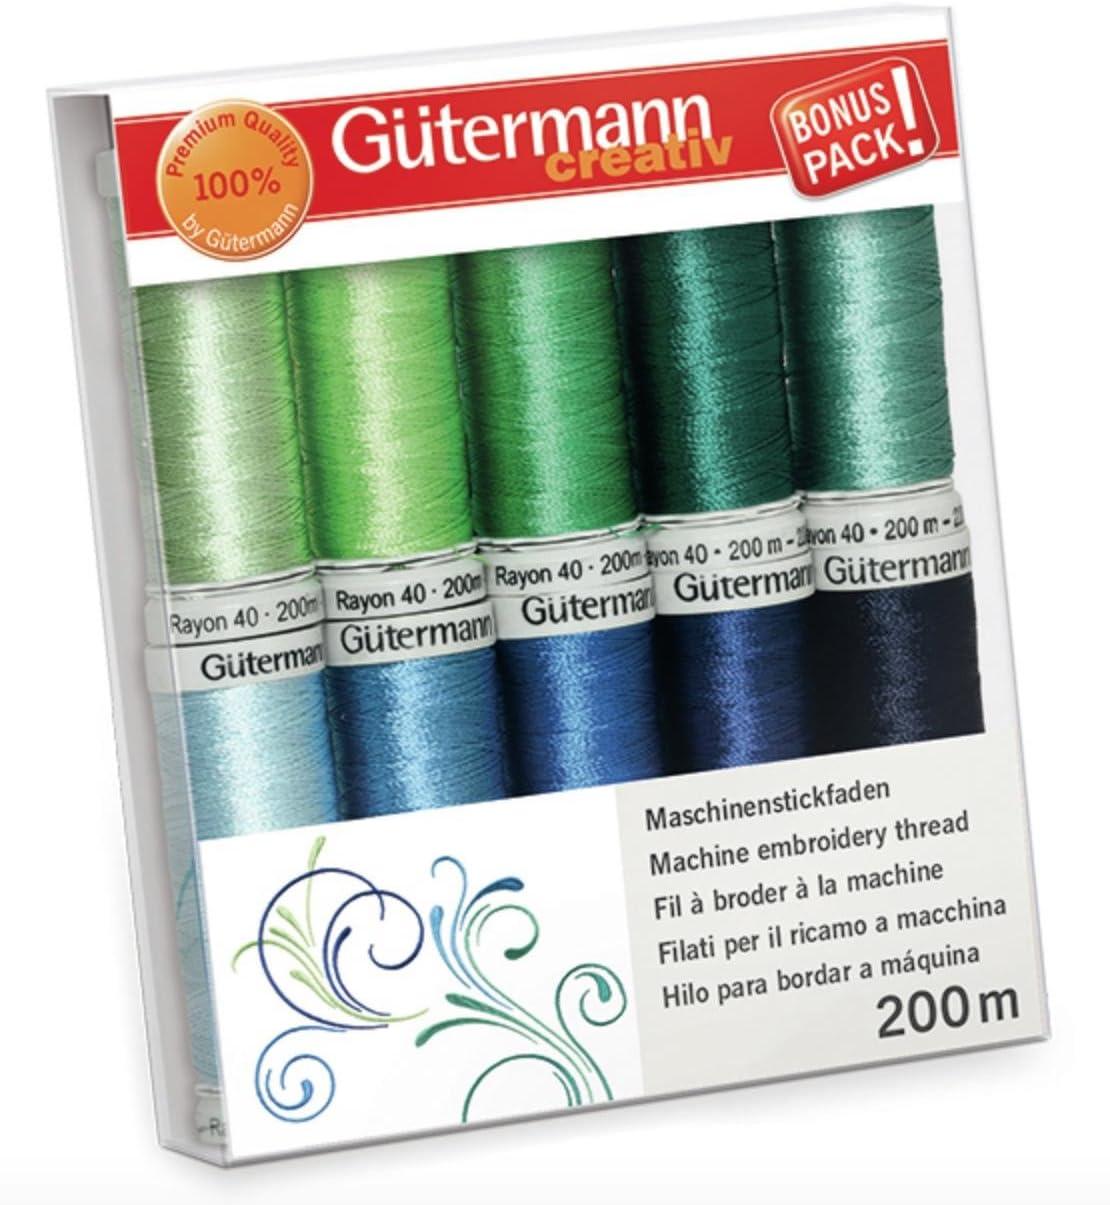 Gutermann Machine Embroidery Thread